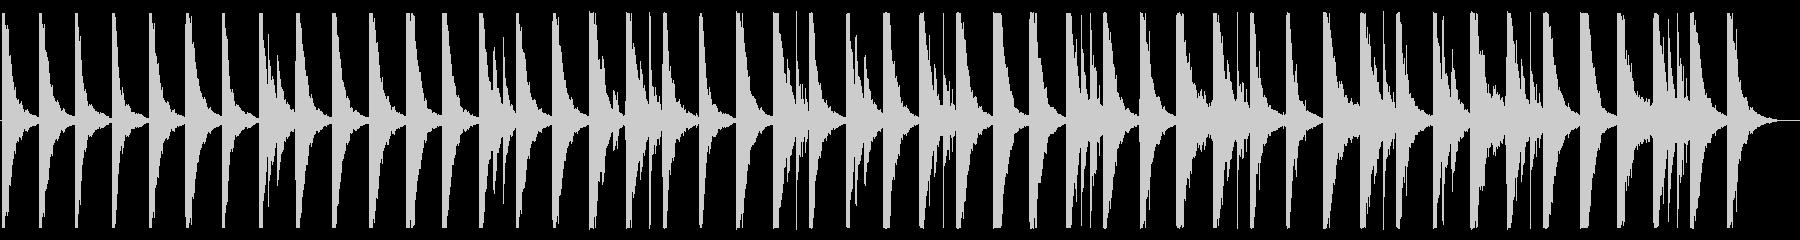 駆け足のようなハウス_No410_2の未再生の波形